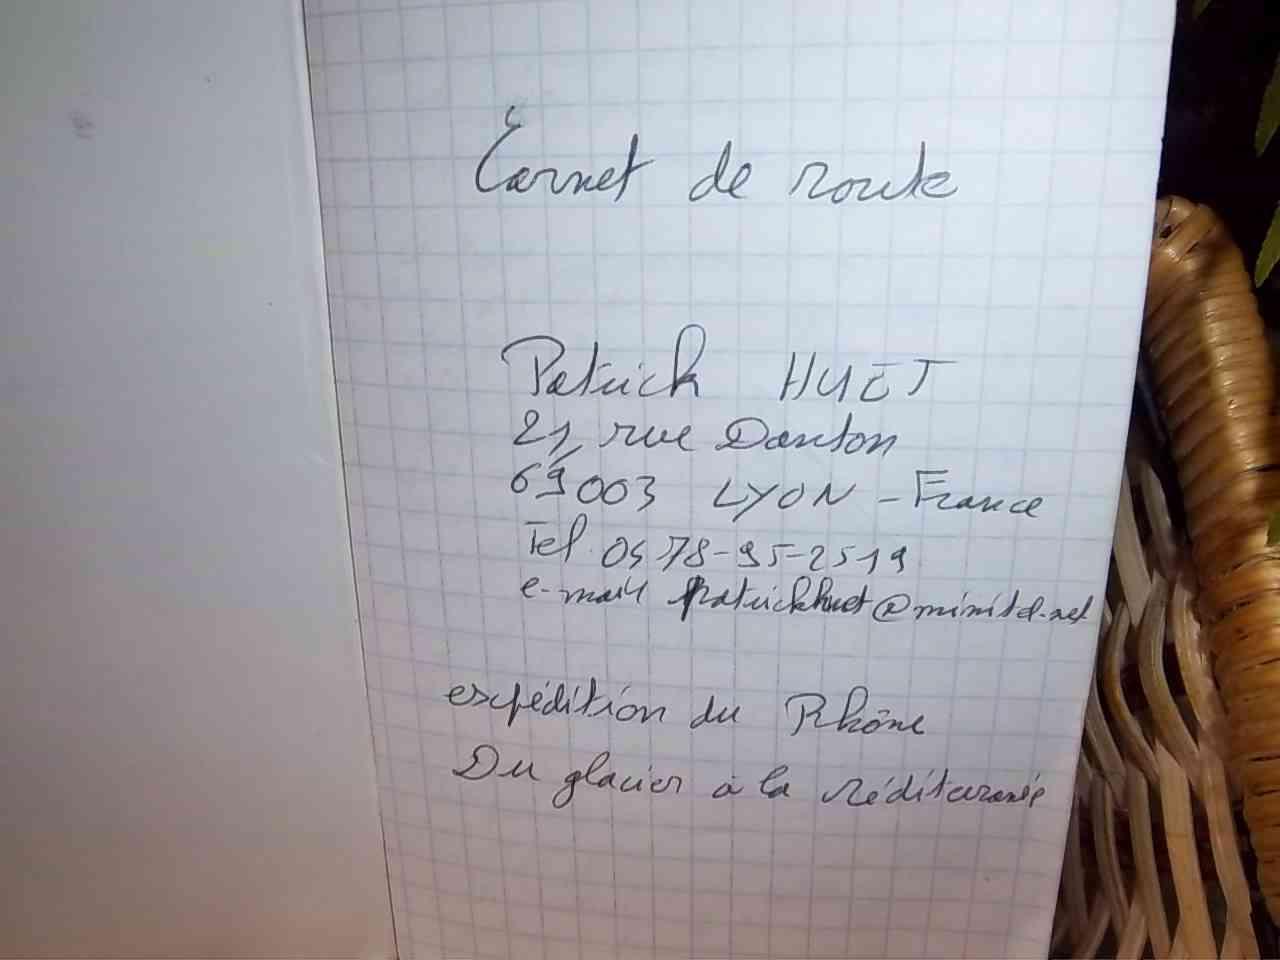 Première page du carnet de voyage du Rhône